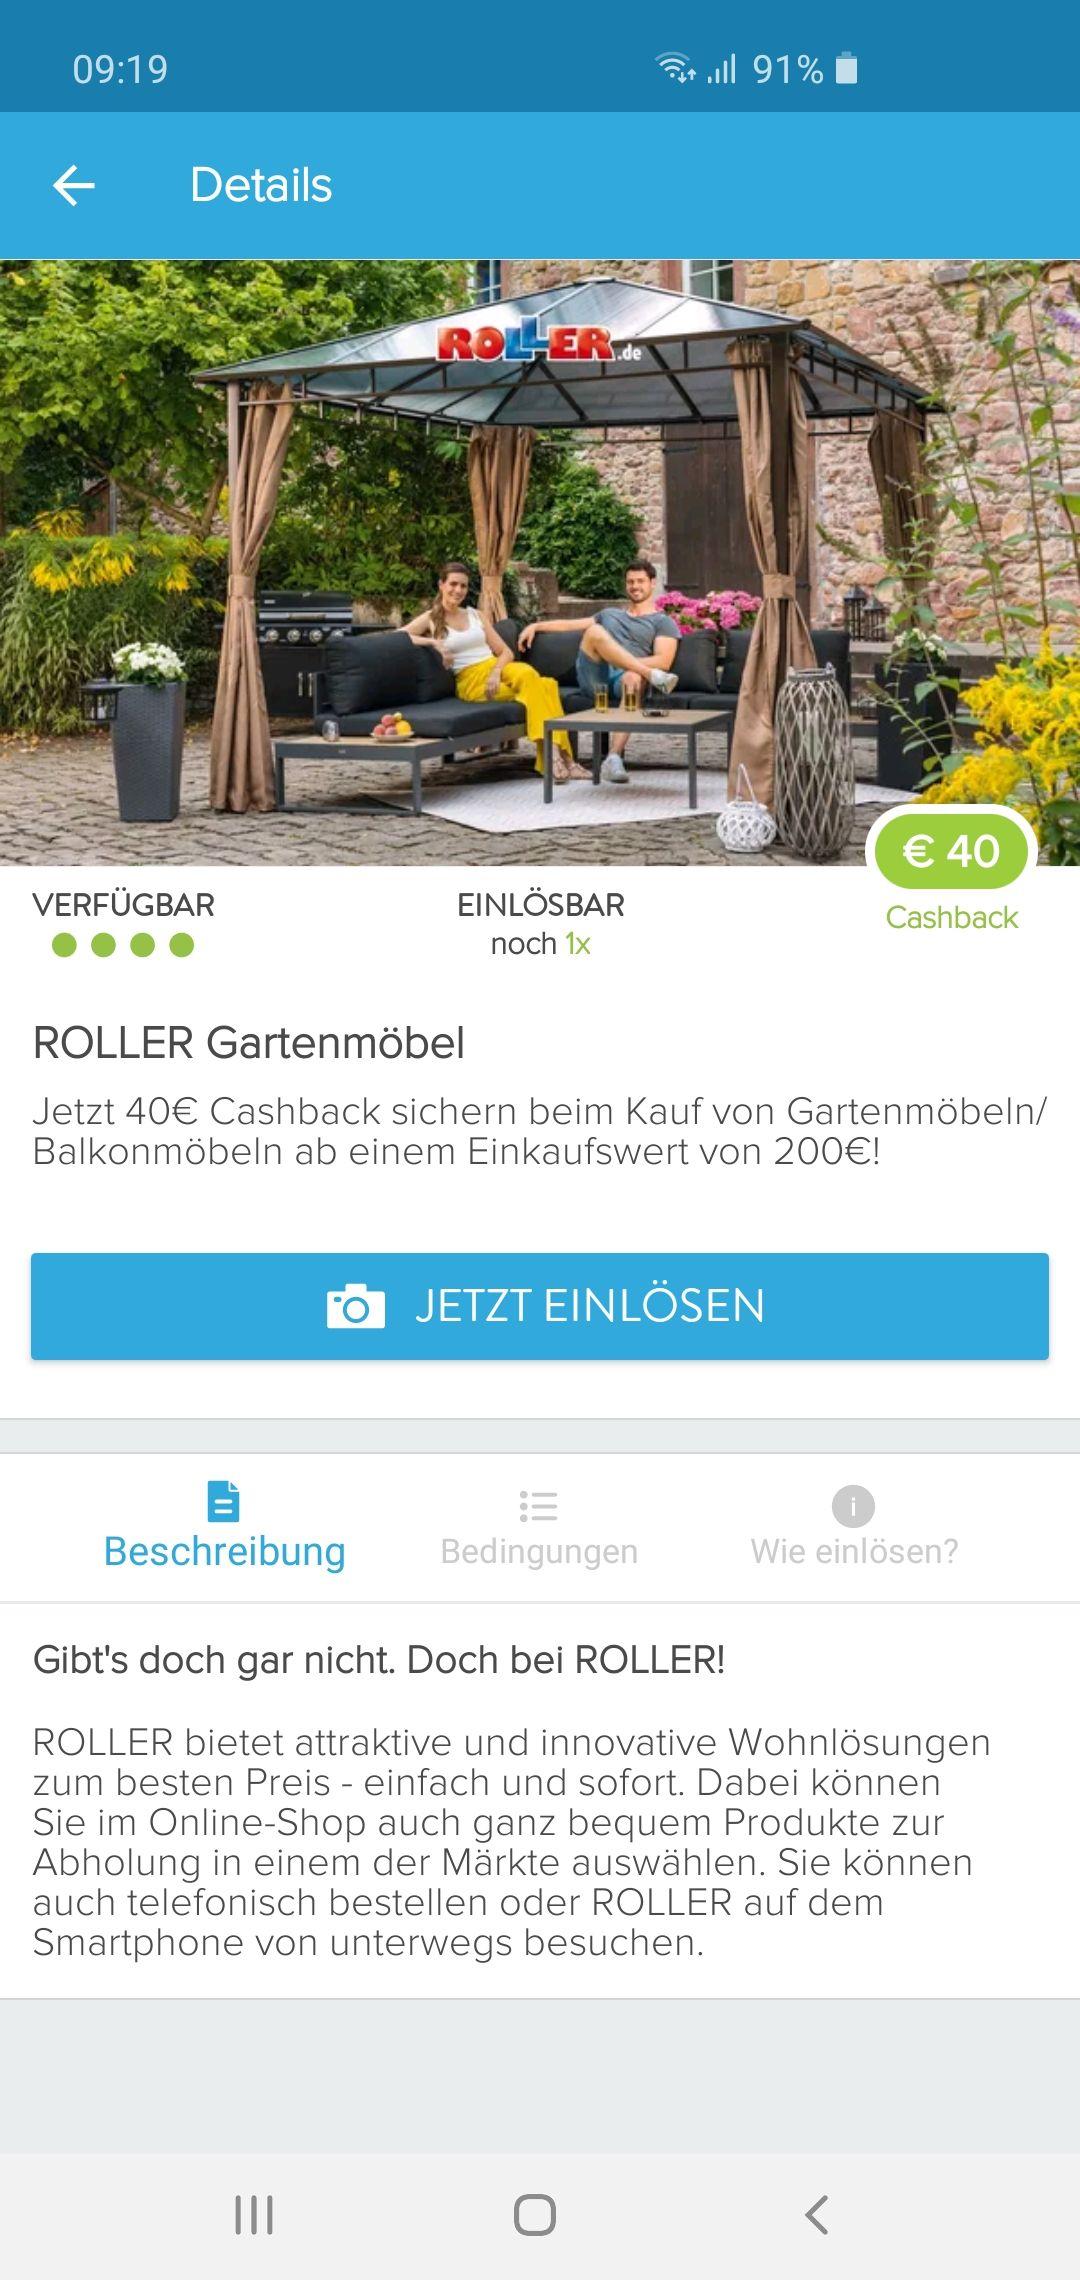 40€ Cashback beim Kauf von Gartenmöbel bei Roller ab 200€